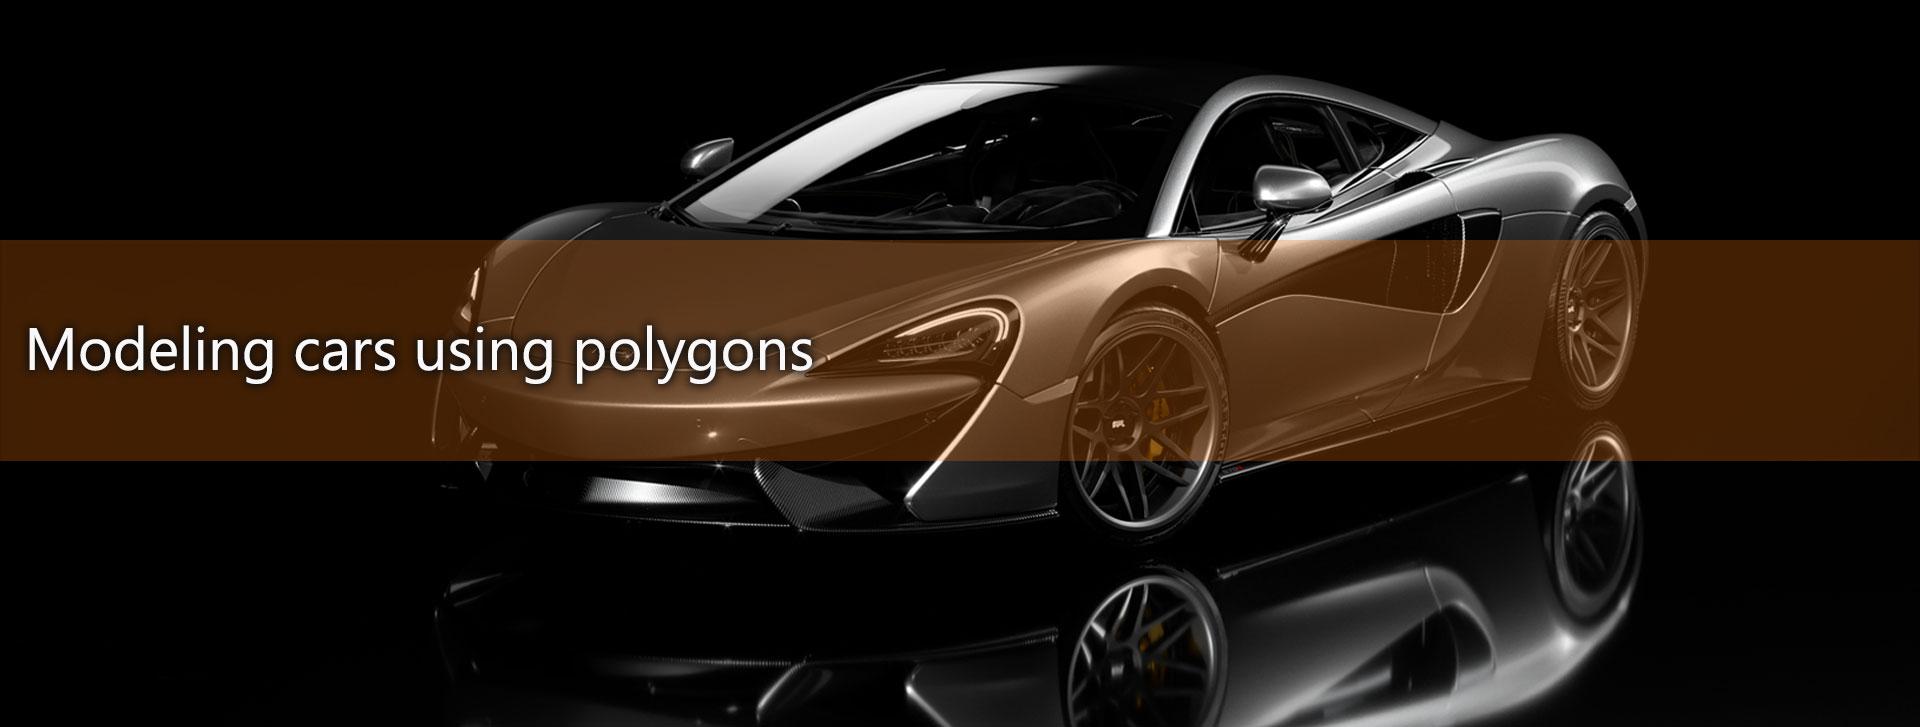 مدلسازی خودرو در تری دی مکس